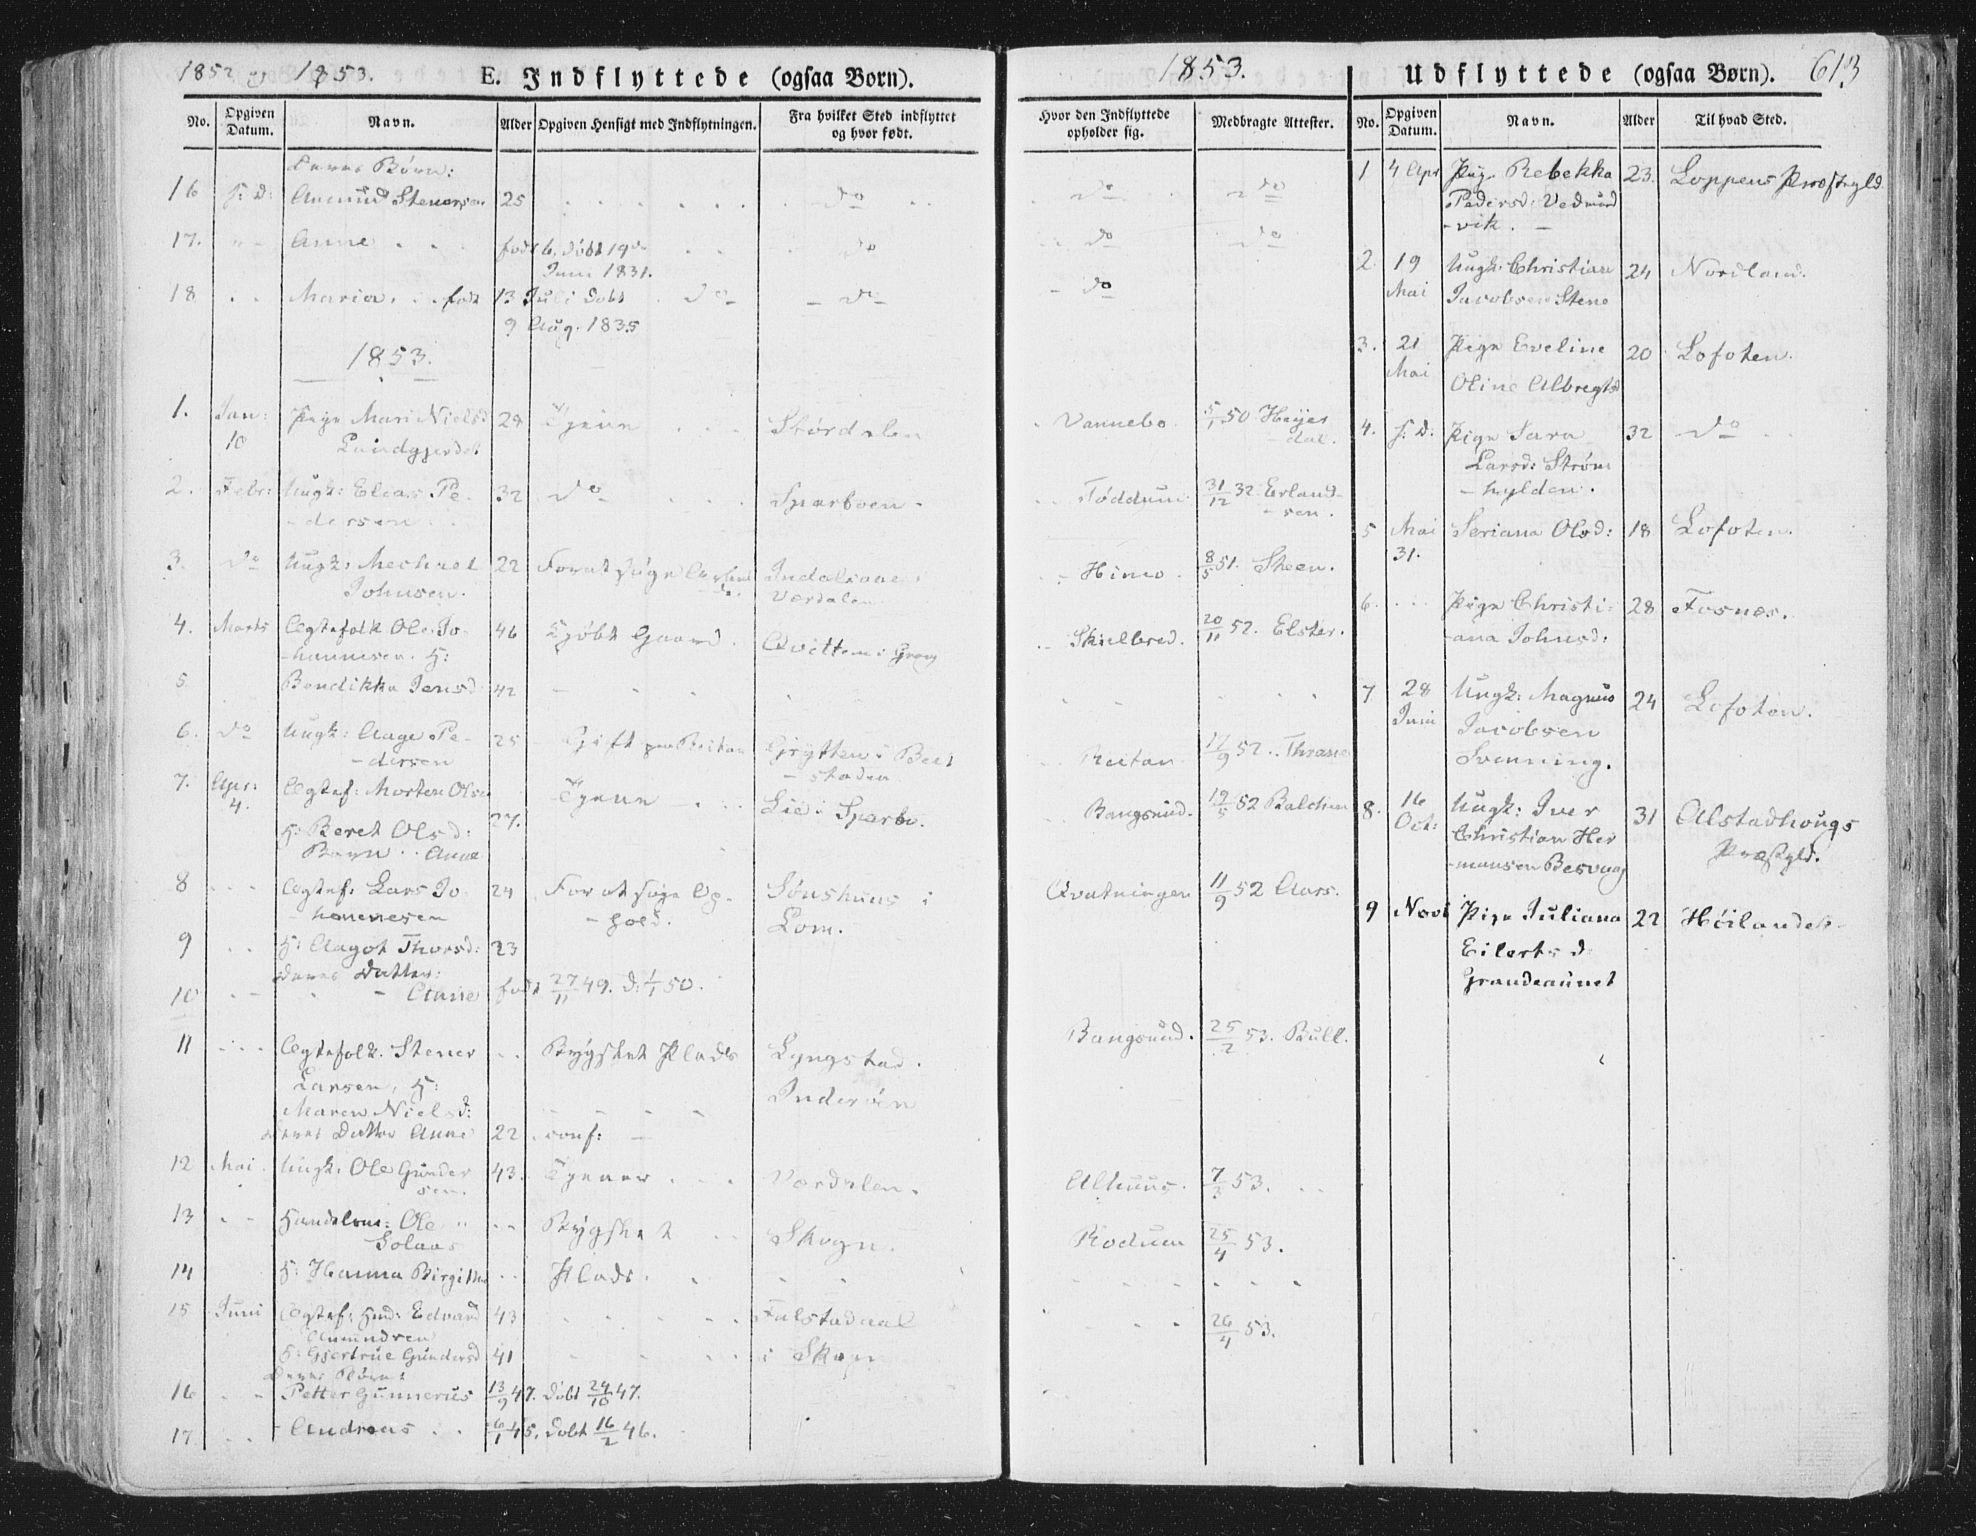 SAT, Ministerialprotokoller, klokkerbøker og fødselsregistre - Nord-Trøndelag, 764/L0552: Ministerialbok nr. 764A07b, 1824-1865, s. 613